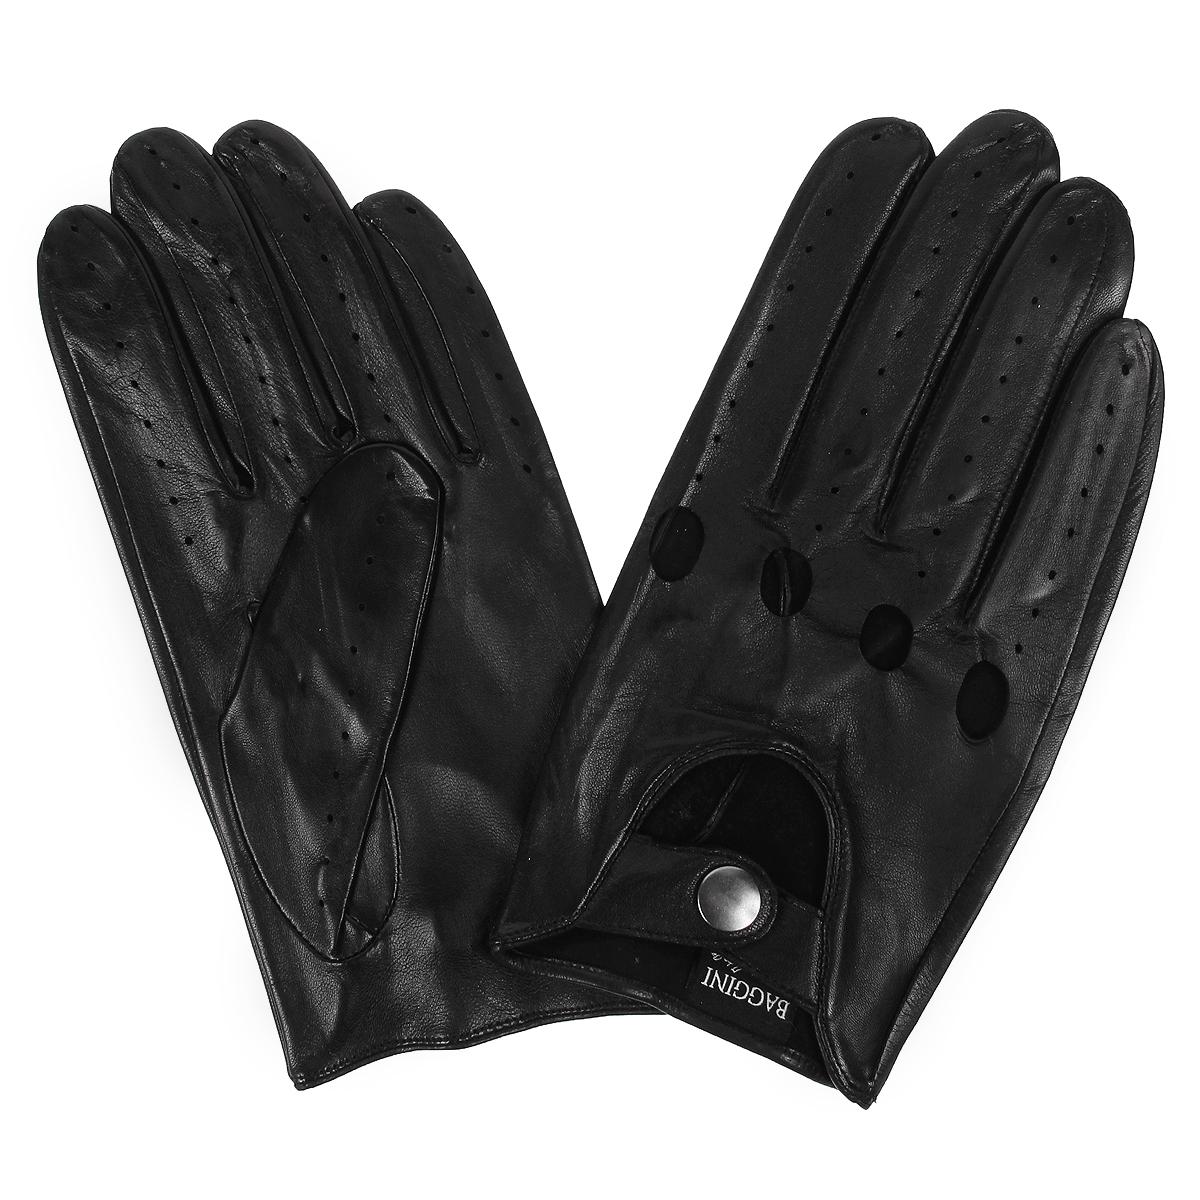 ПерчаткиA1198/10Мужские перчатки Baggini не только защитят ваши руки от холода, но и станут стильным аксессуаром. Перчатки выполнены из мягкой и приятной на ощупь натуральной кожи. Модель на лицевой стороне оформлена декоративной перфорацией. Манжеты с выемкой на лицевой стороне застегиваются при помощи хлястика на кнопку. Перчатки станут завершающим и подчеркивающим элементом вашего неповторимого стиля и индивидуальности.